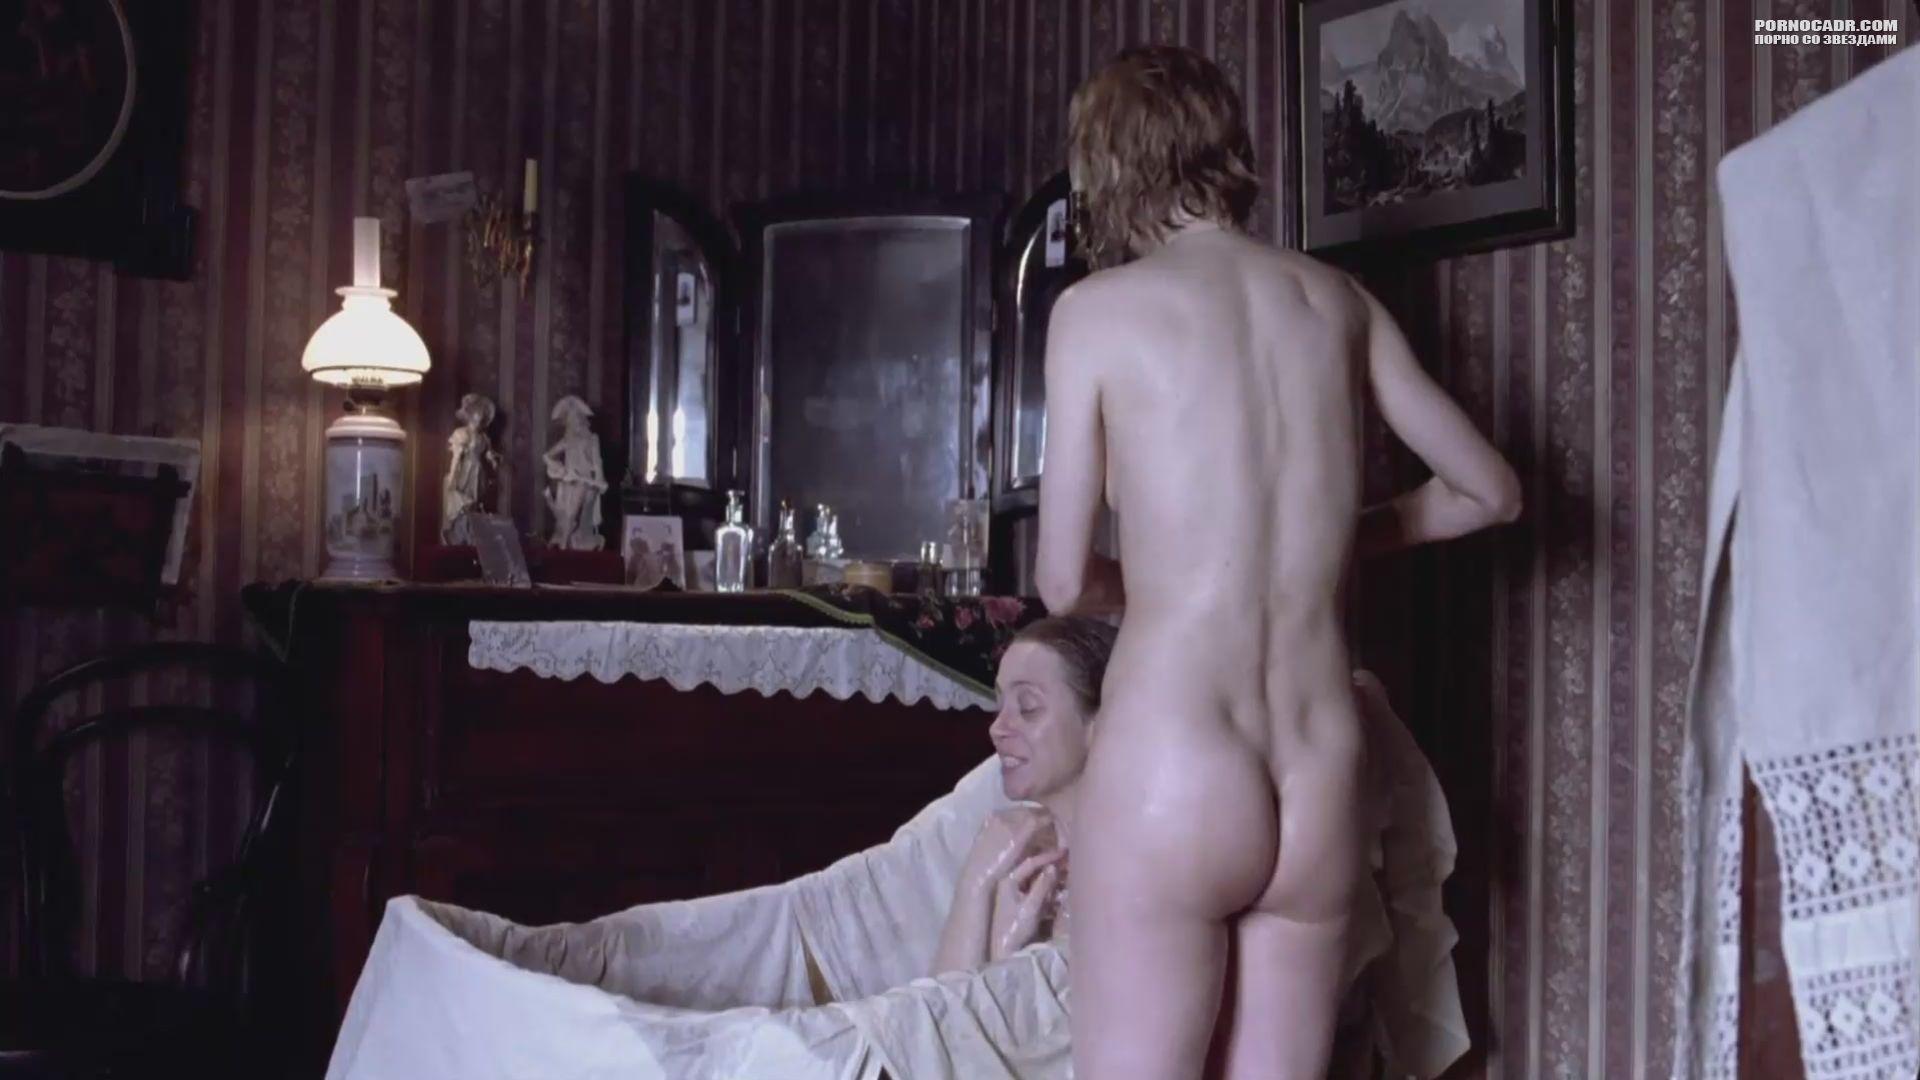 эротические эпизоды российских фильмов туда все равно